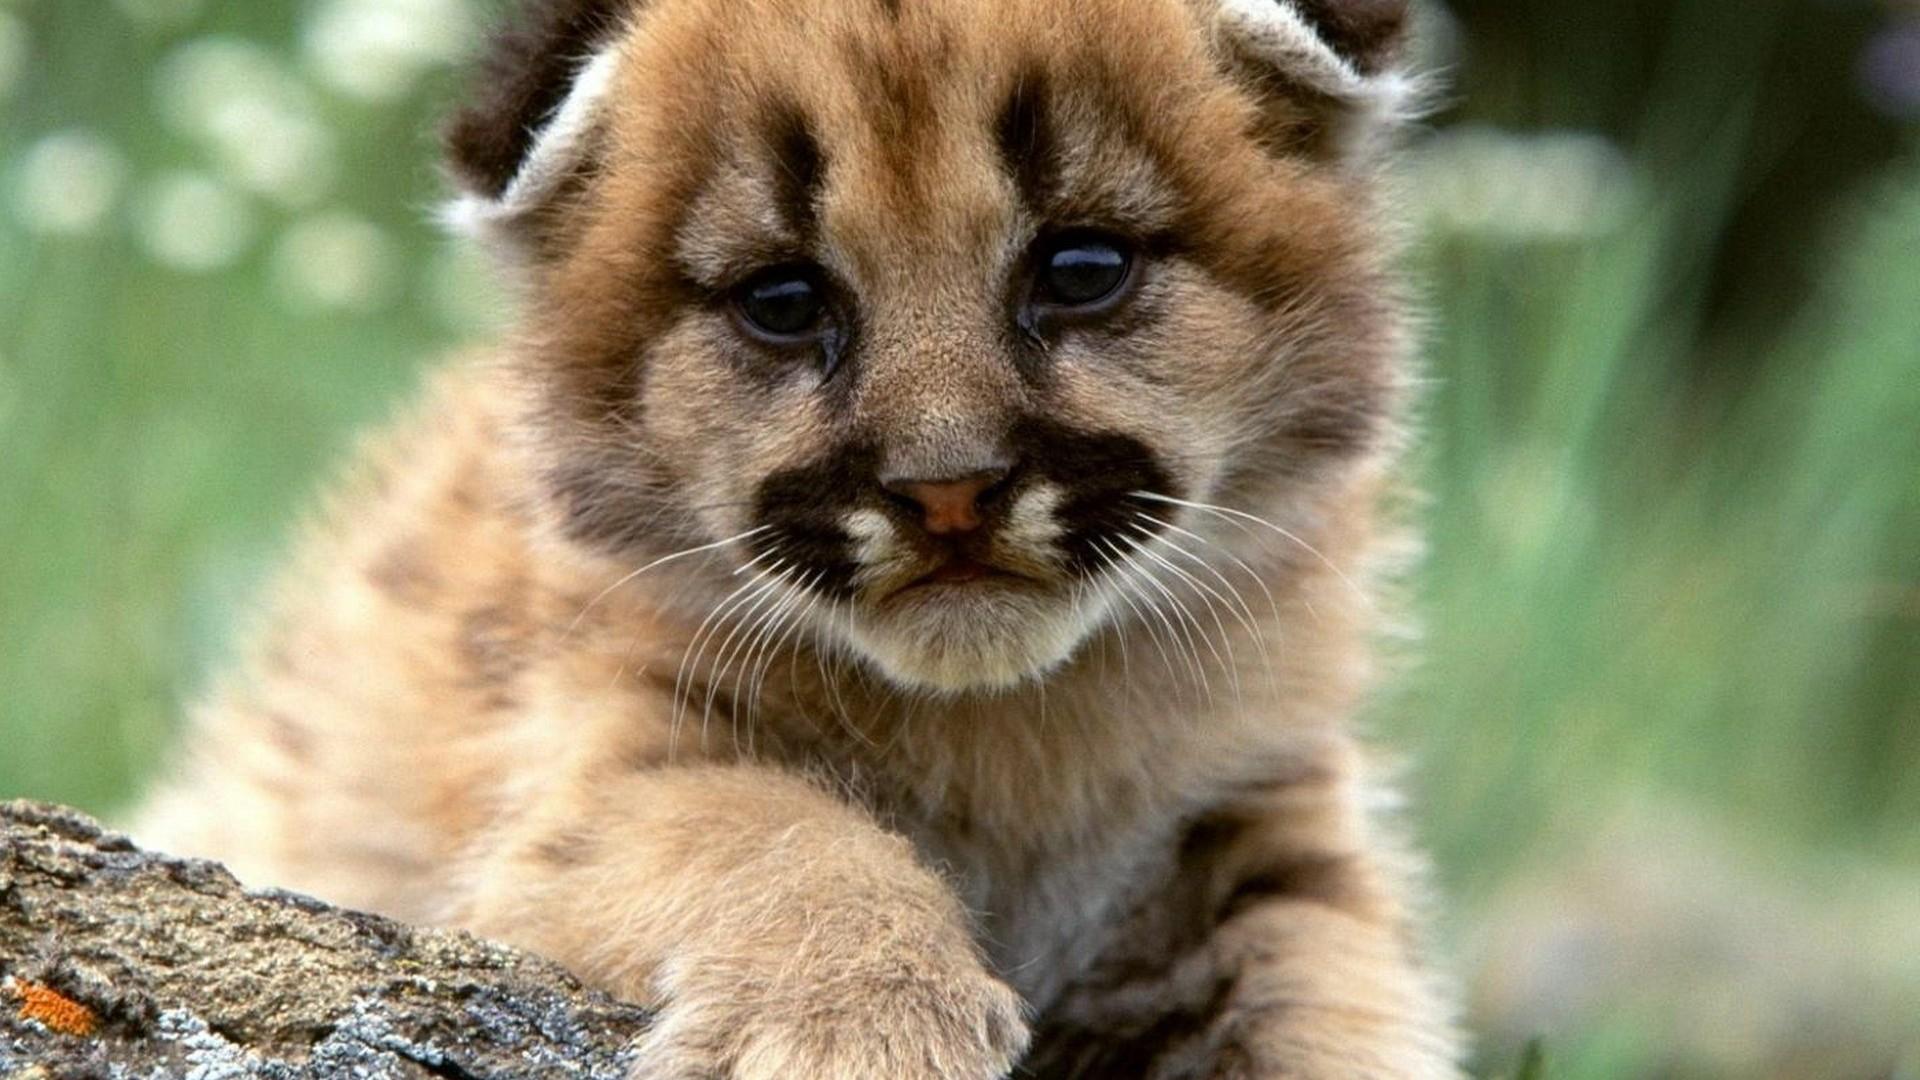 Puppy Lion Animals HD Wallpaper